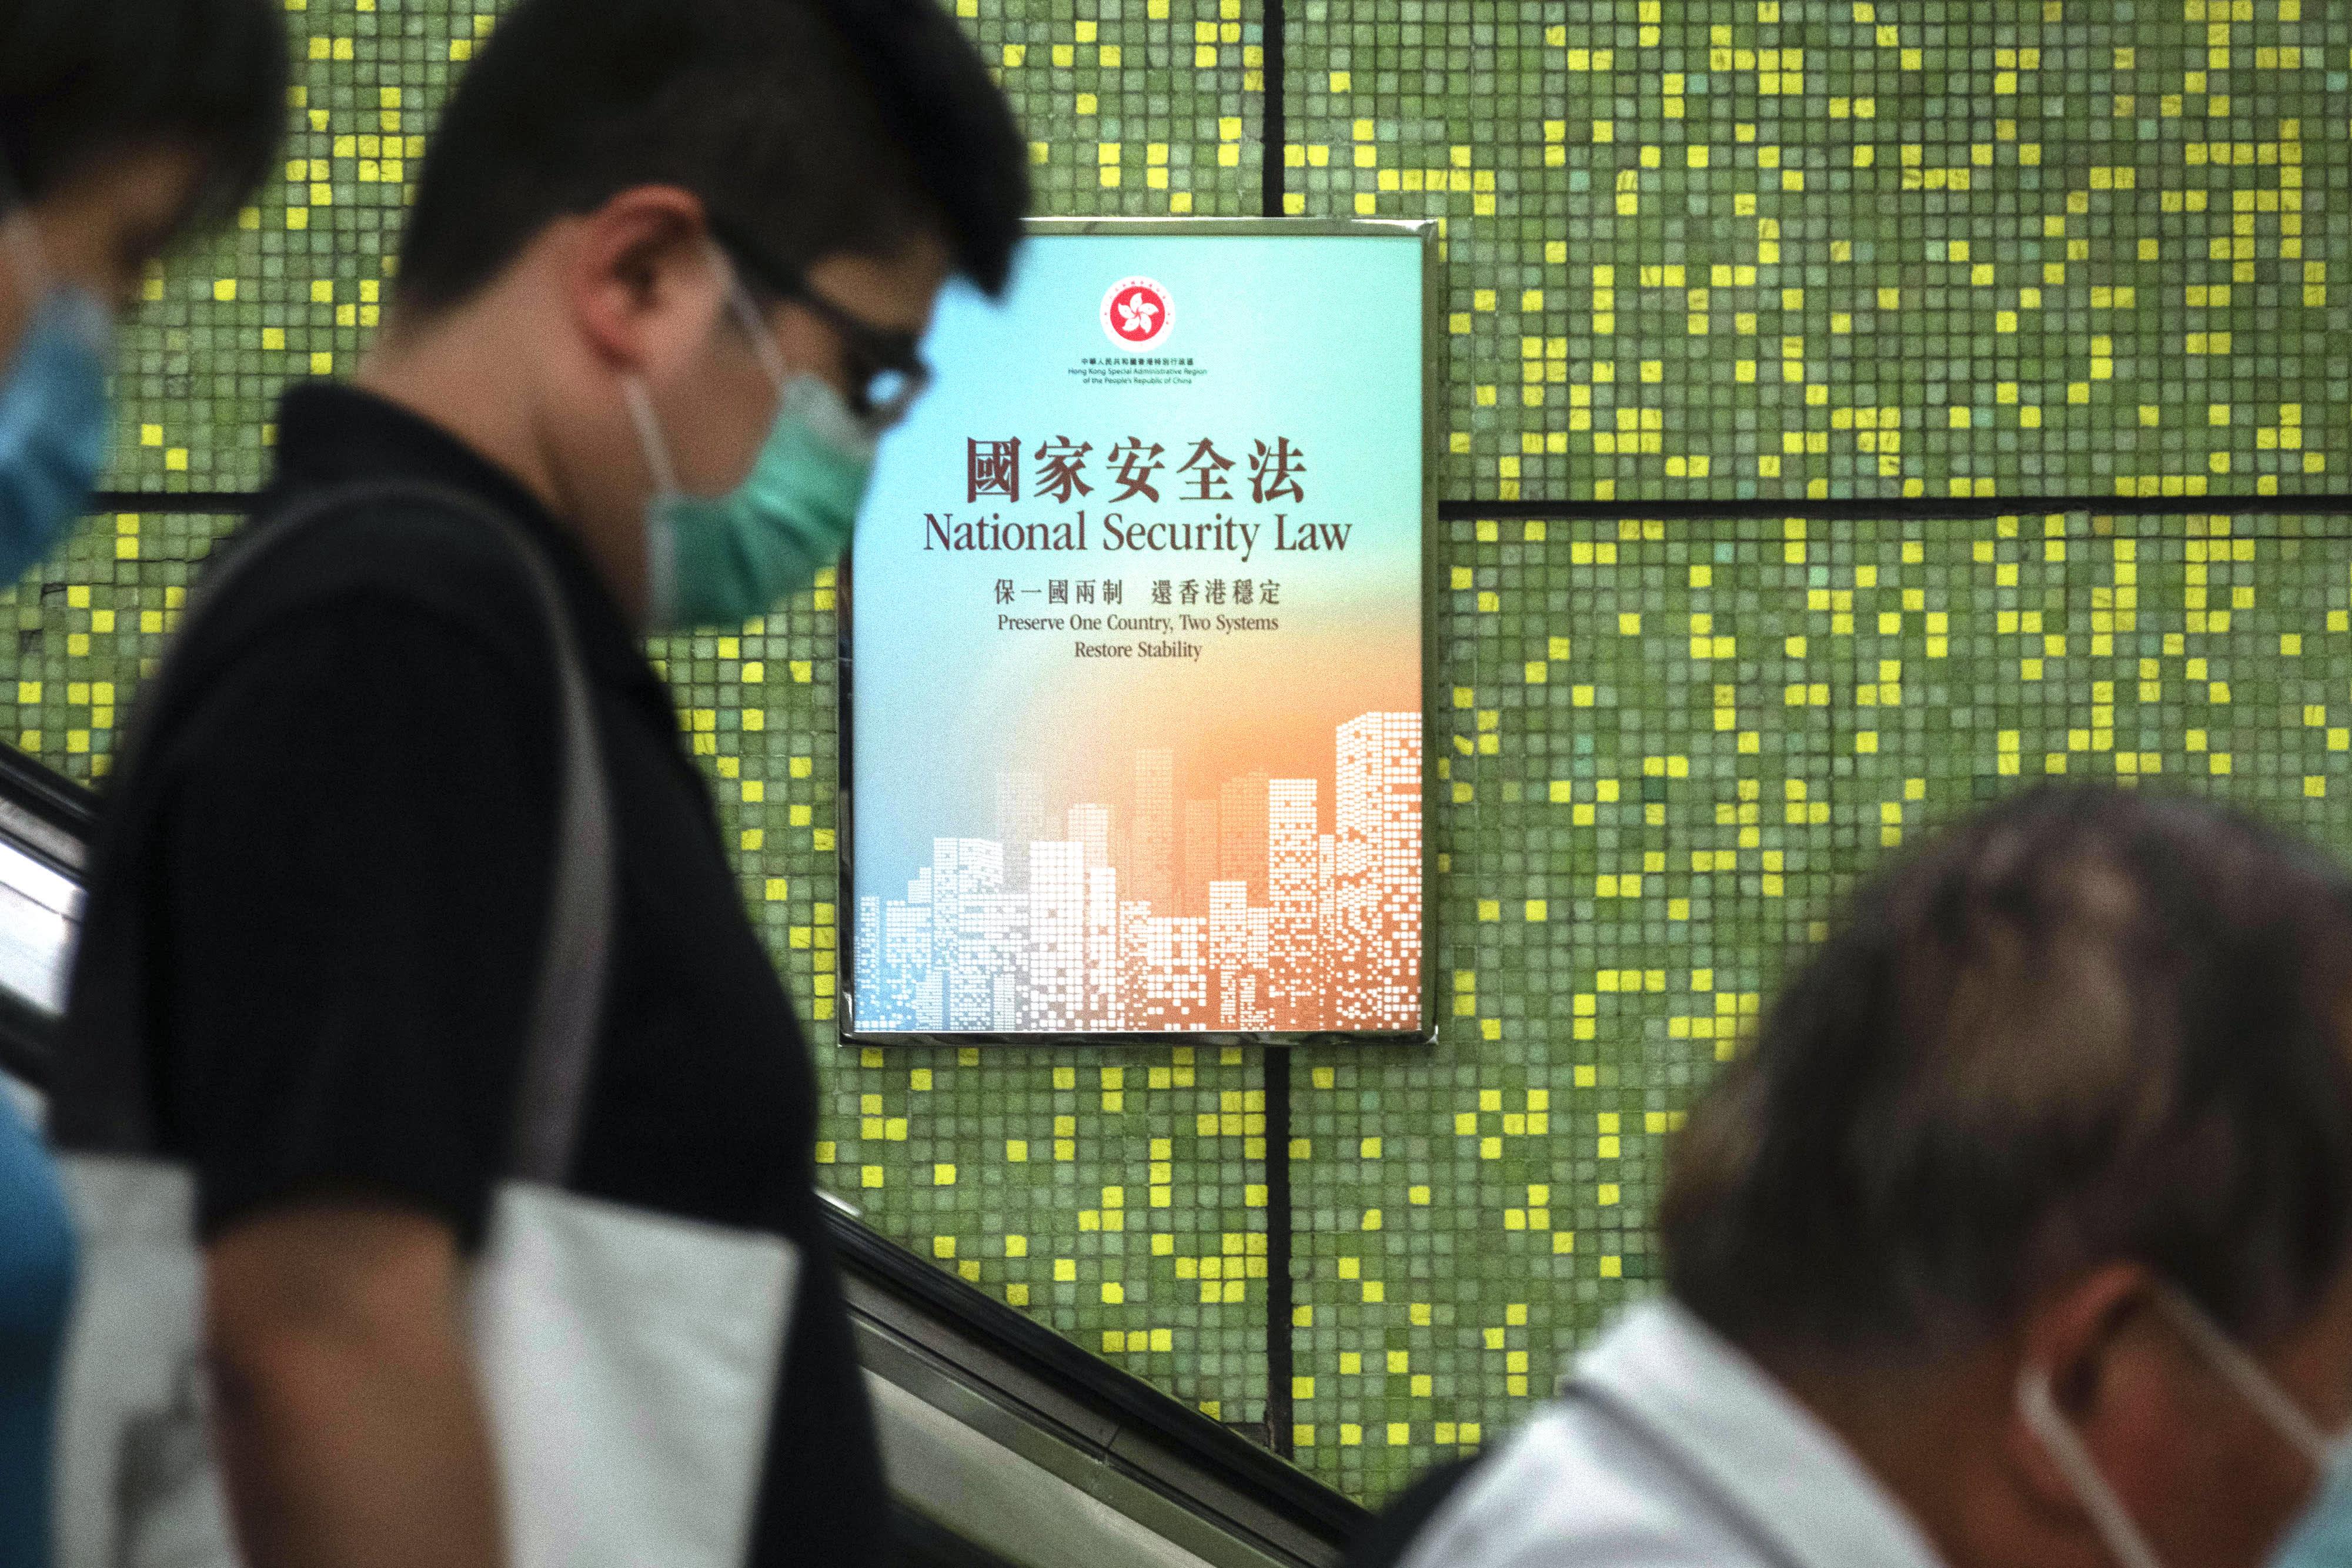 La legge sulla sicurezza nazionale di Hong Kong può spaventare gli investitori socialmente consapevoli